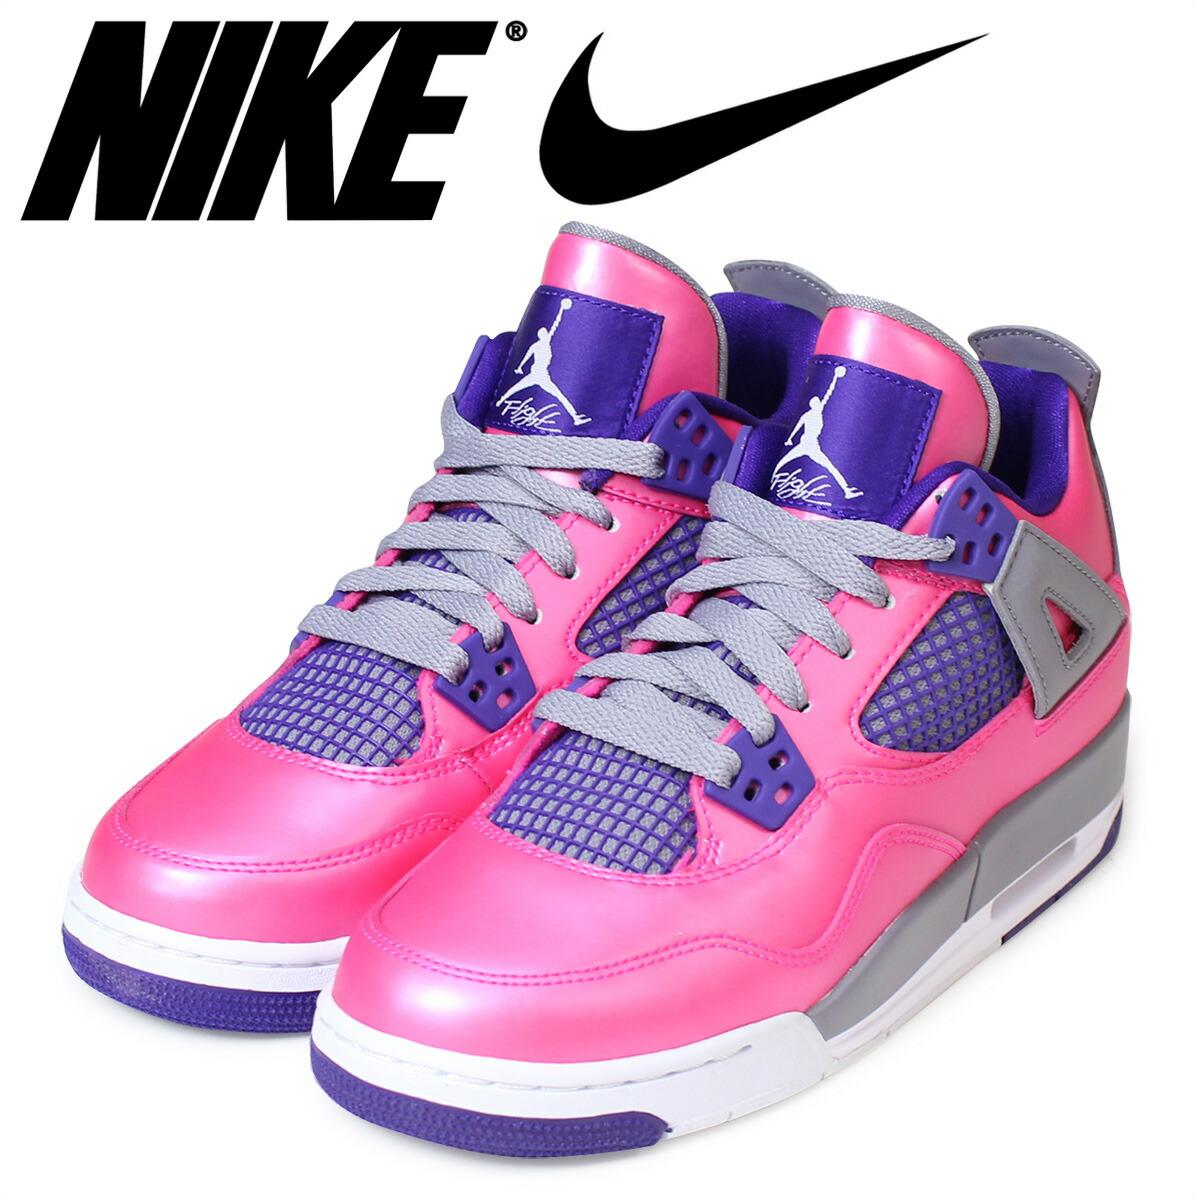 ナイキNIKEエアジョーダンスニーカーレディースJAIRJORDAN4RETROGSエアジョーダン4レトロ487724-607靴ピンク